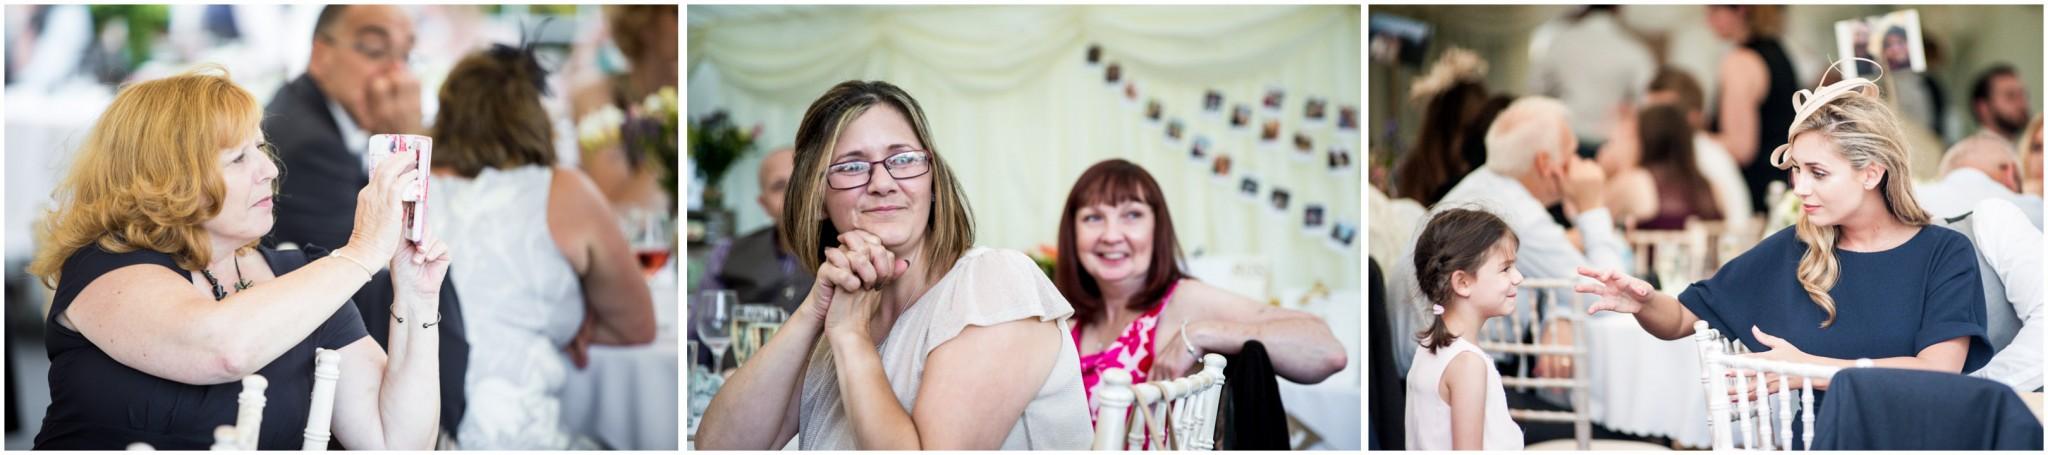 Tournerbury Woods Estate Wedding Guest listening to speeches